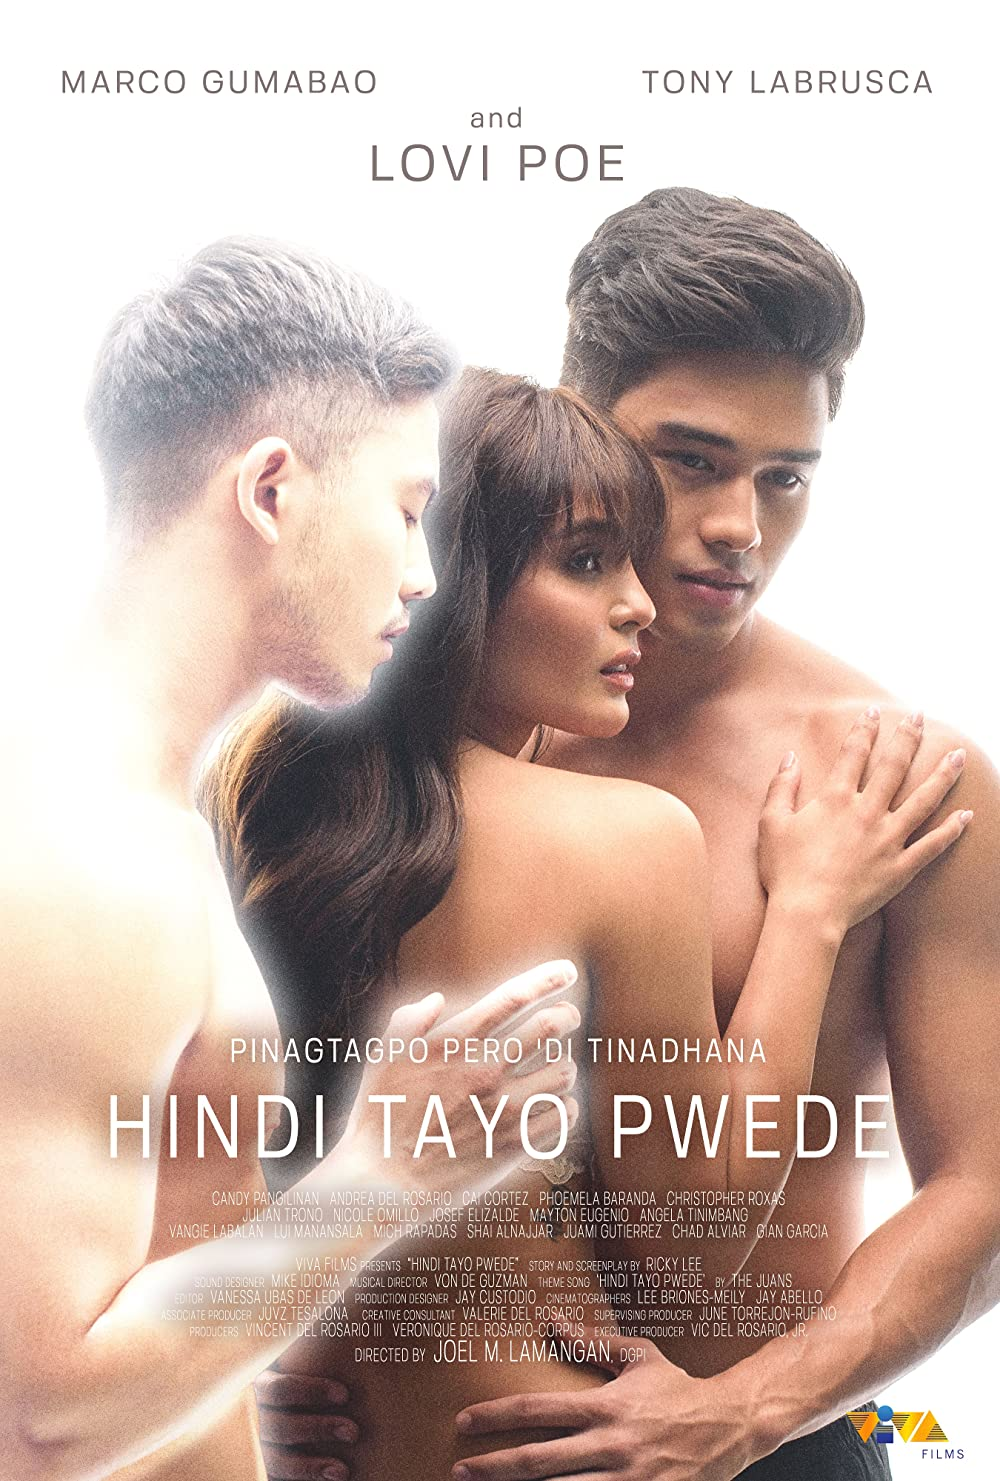 18+ Hindi Tayo Pwede 2020 Tagalog 300MB HDRip Download